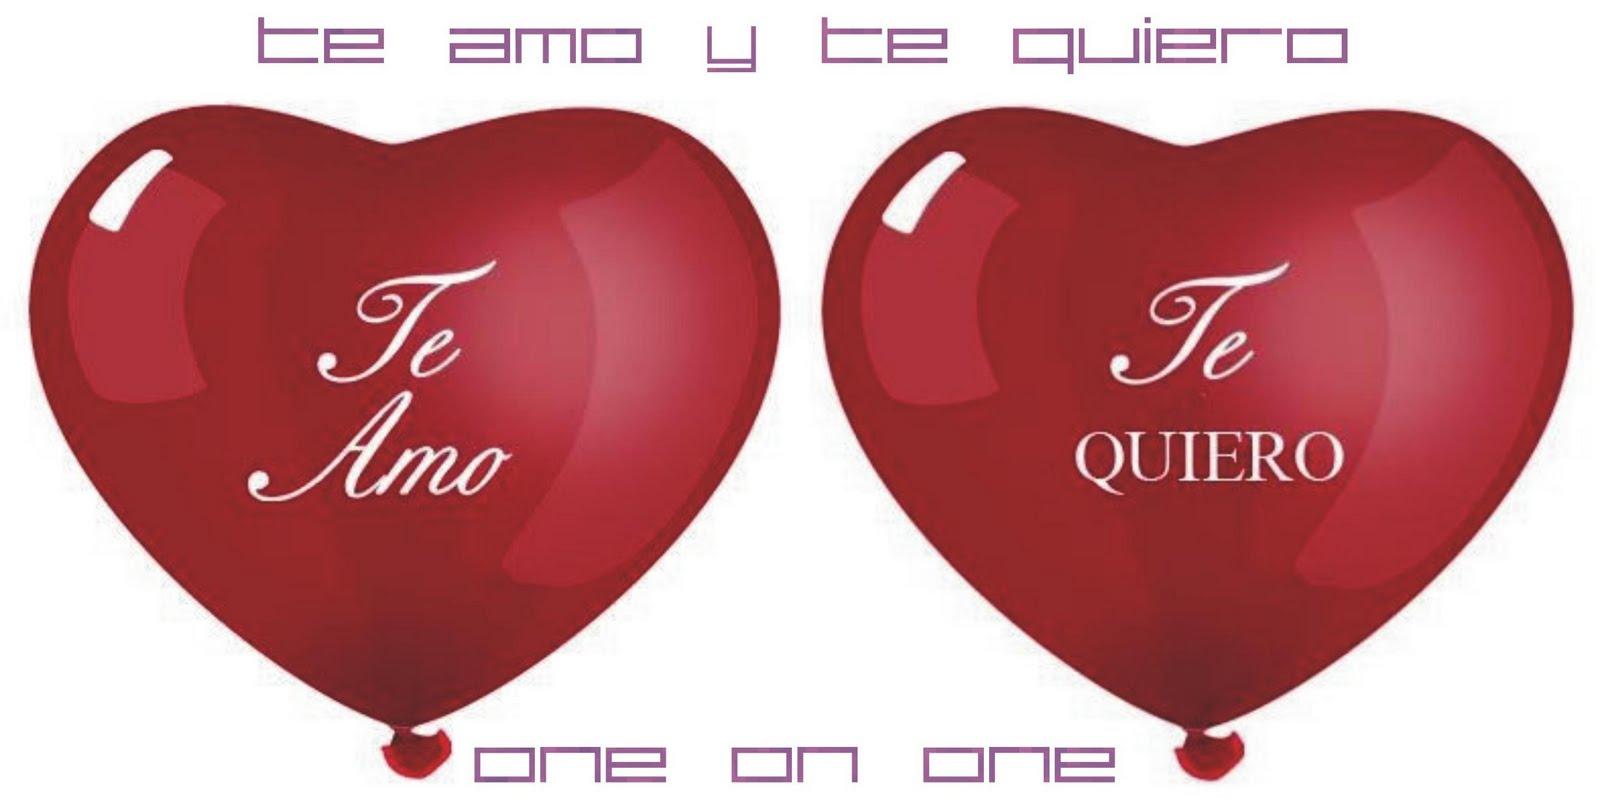 Te Amo y Te Quiero Lindas Imagenes De Amor Con Frases